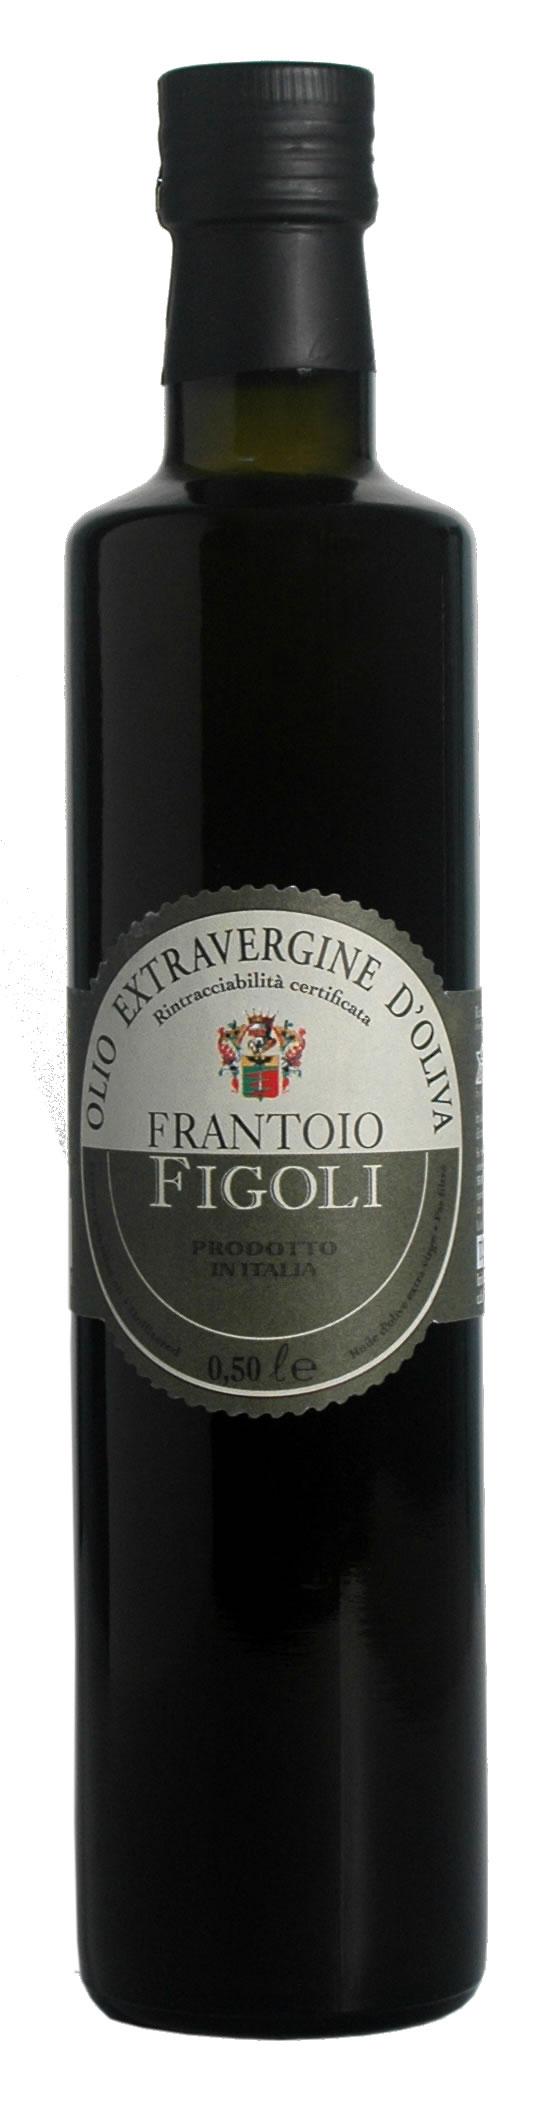 Frantoio Figoli